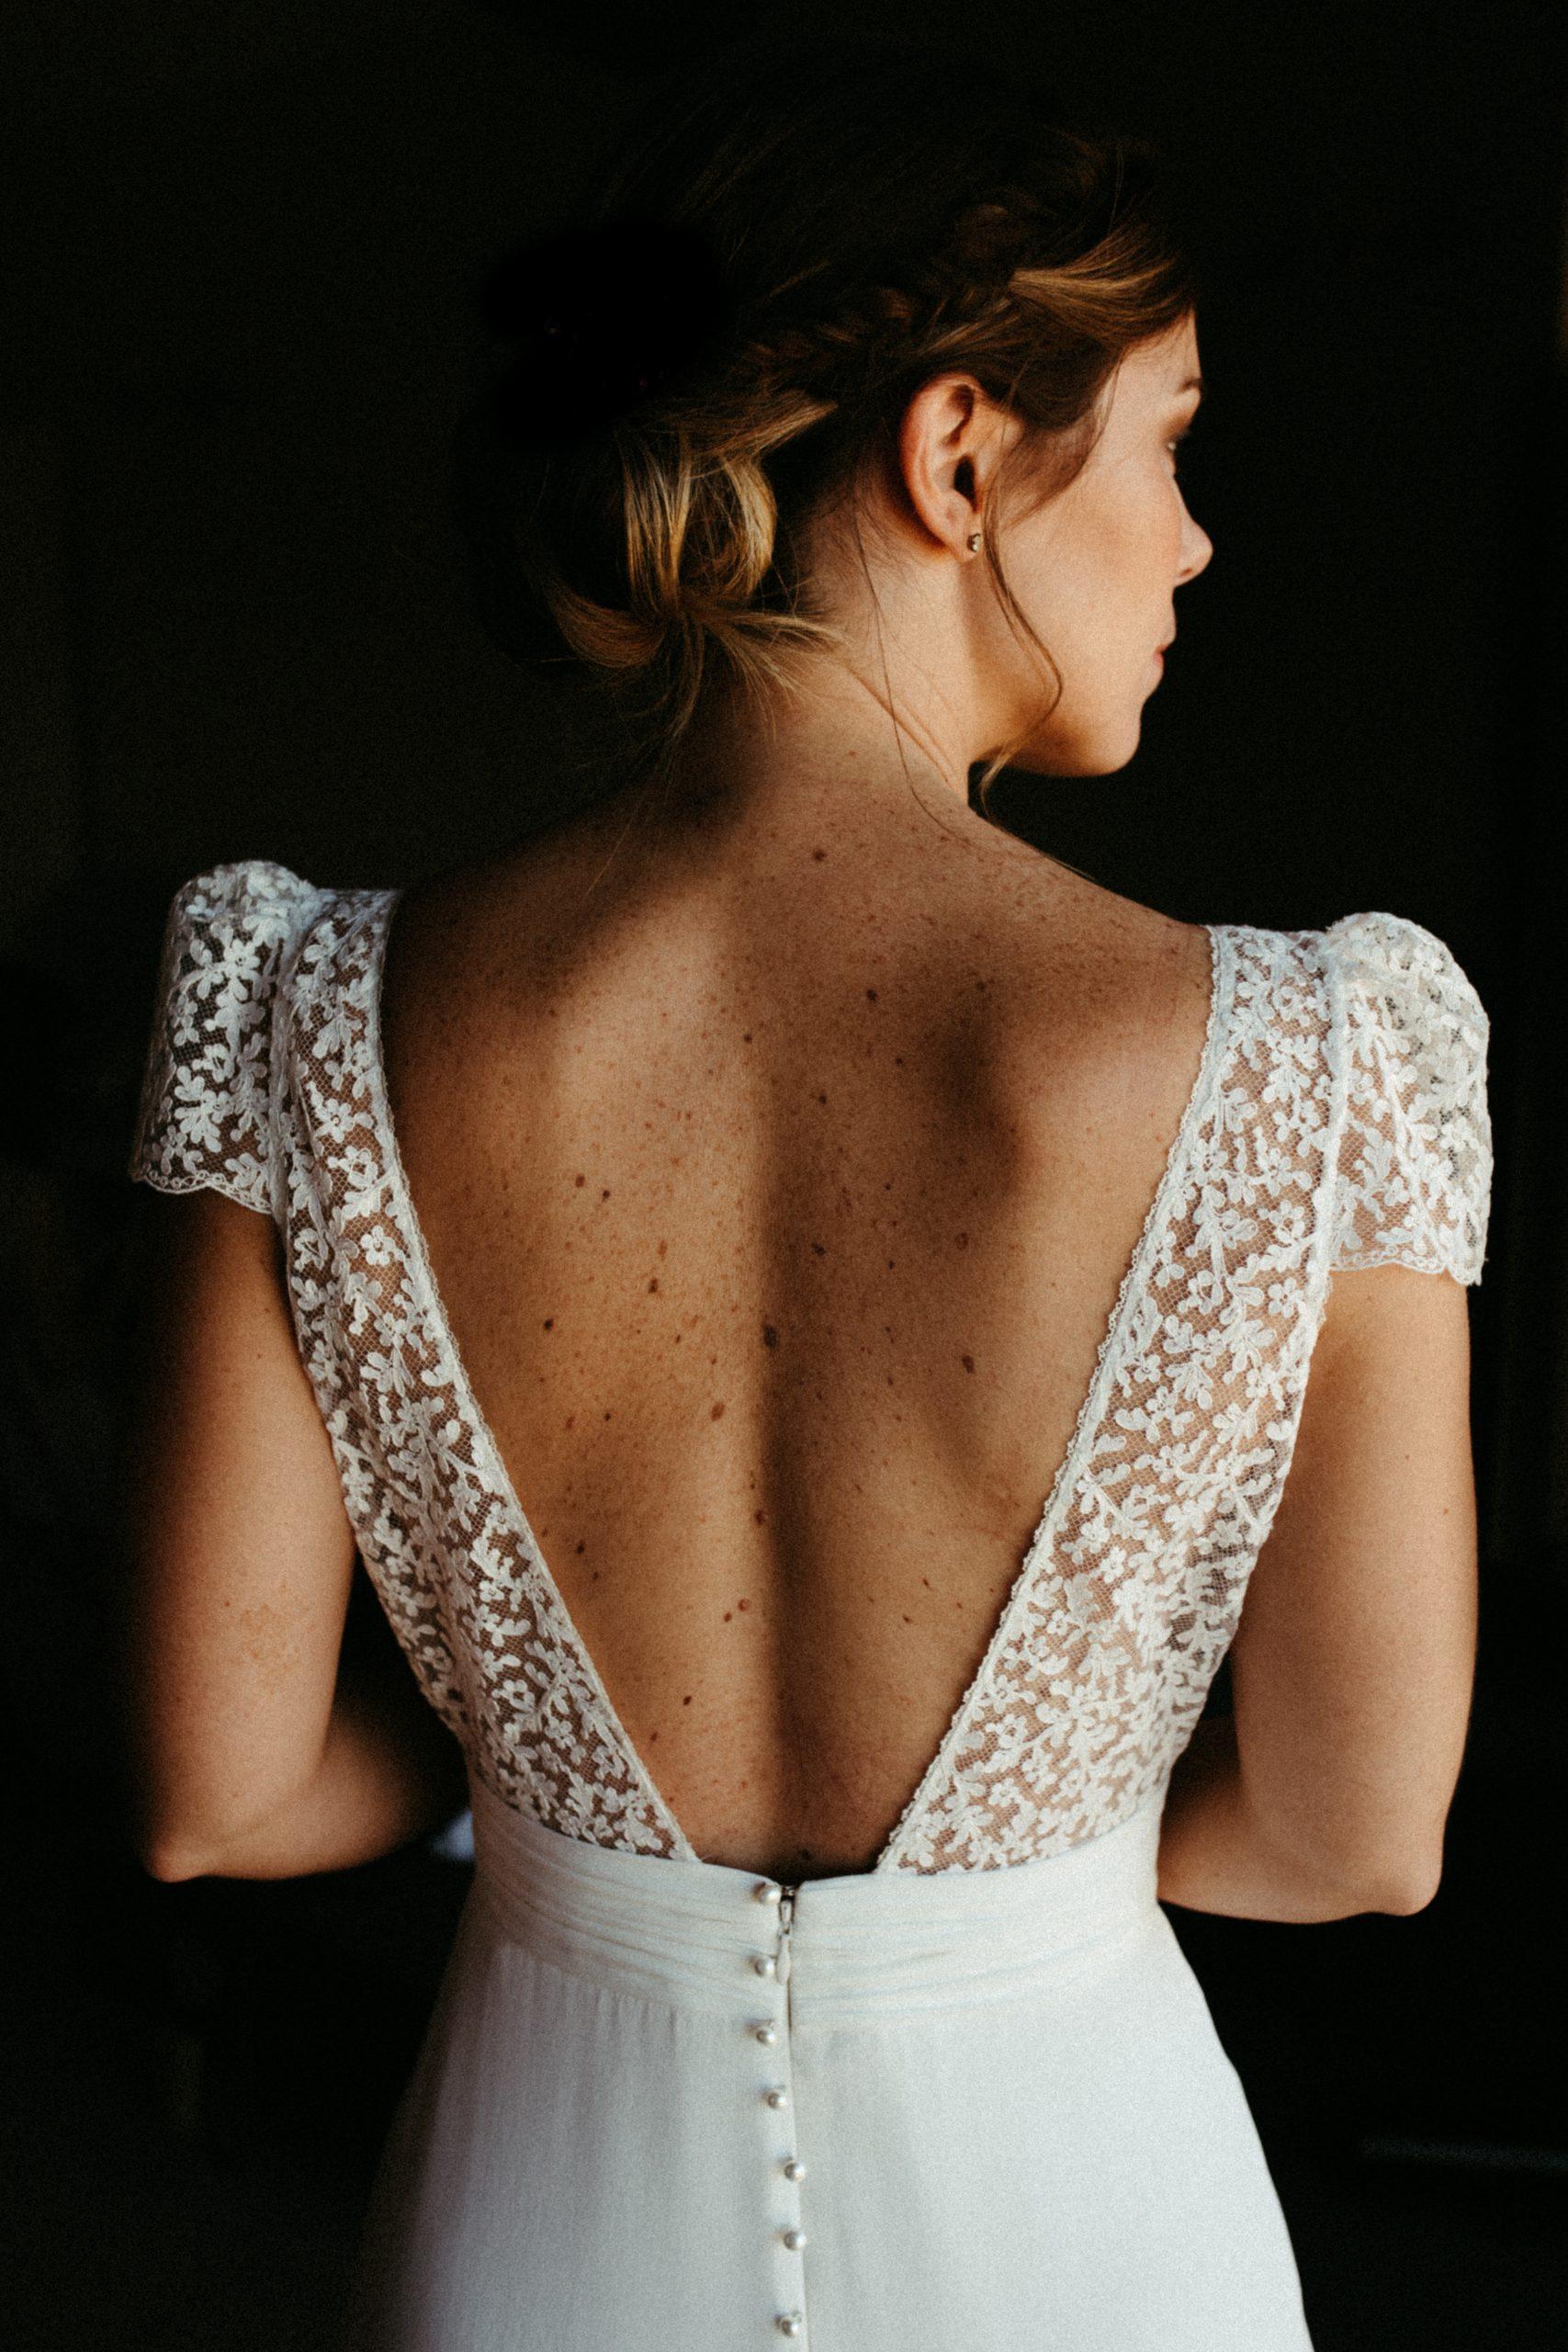 UTOPICLOVERS20200718 – MARIAGE Segolene Thomas 9475 3 scaled - Un mariage simple et joyeux au Manoir Tourieux dans le beaujolais.